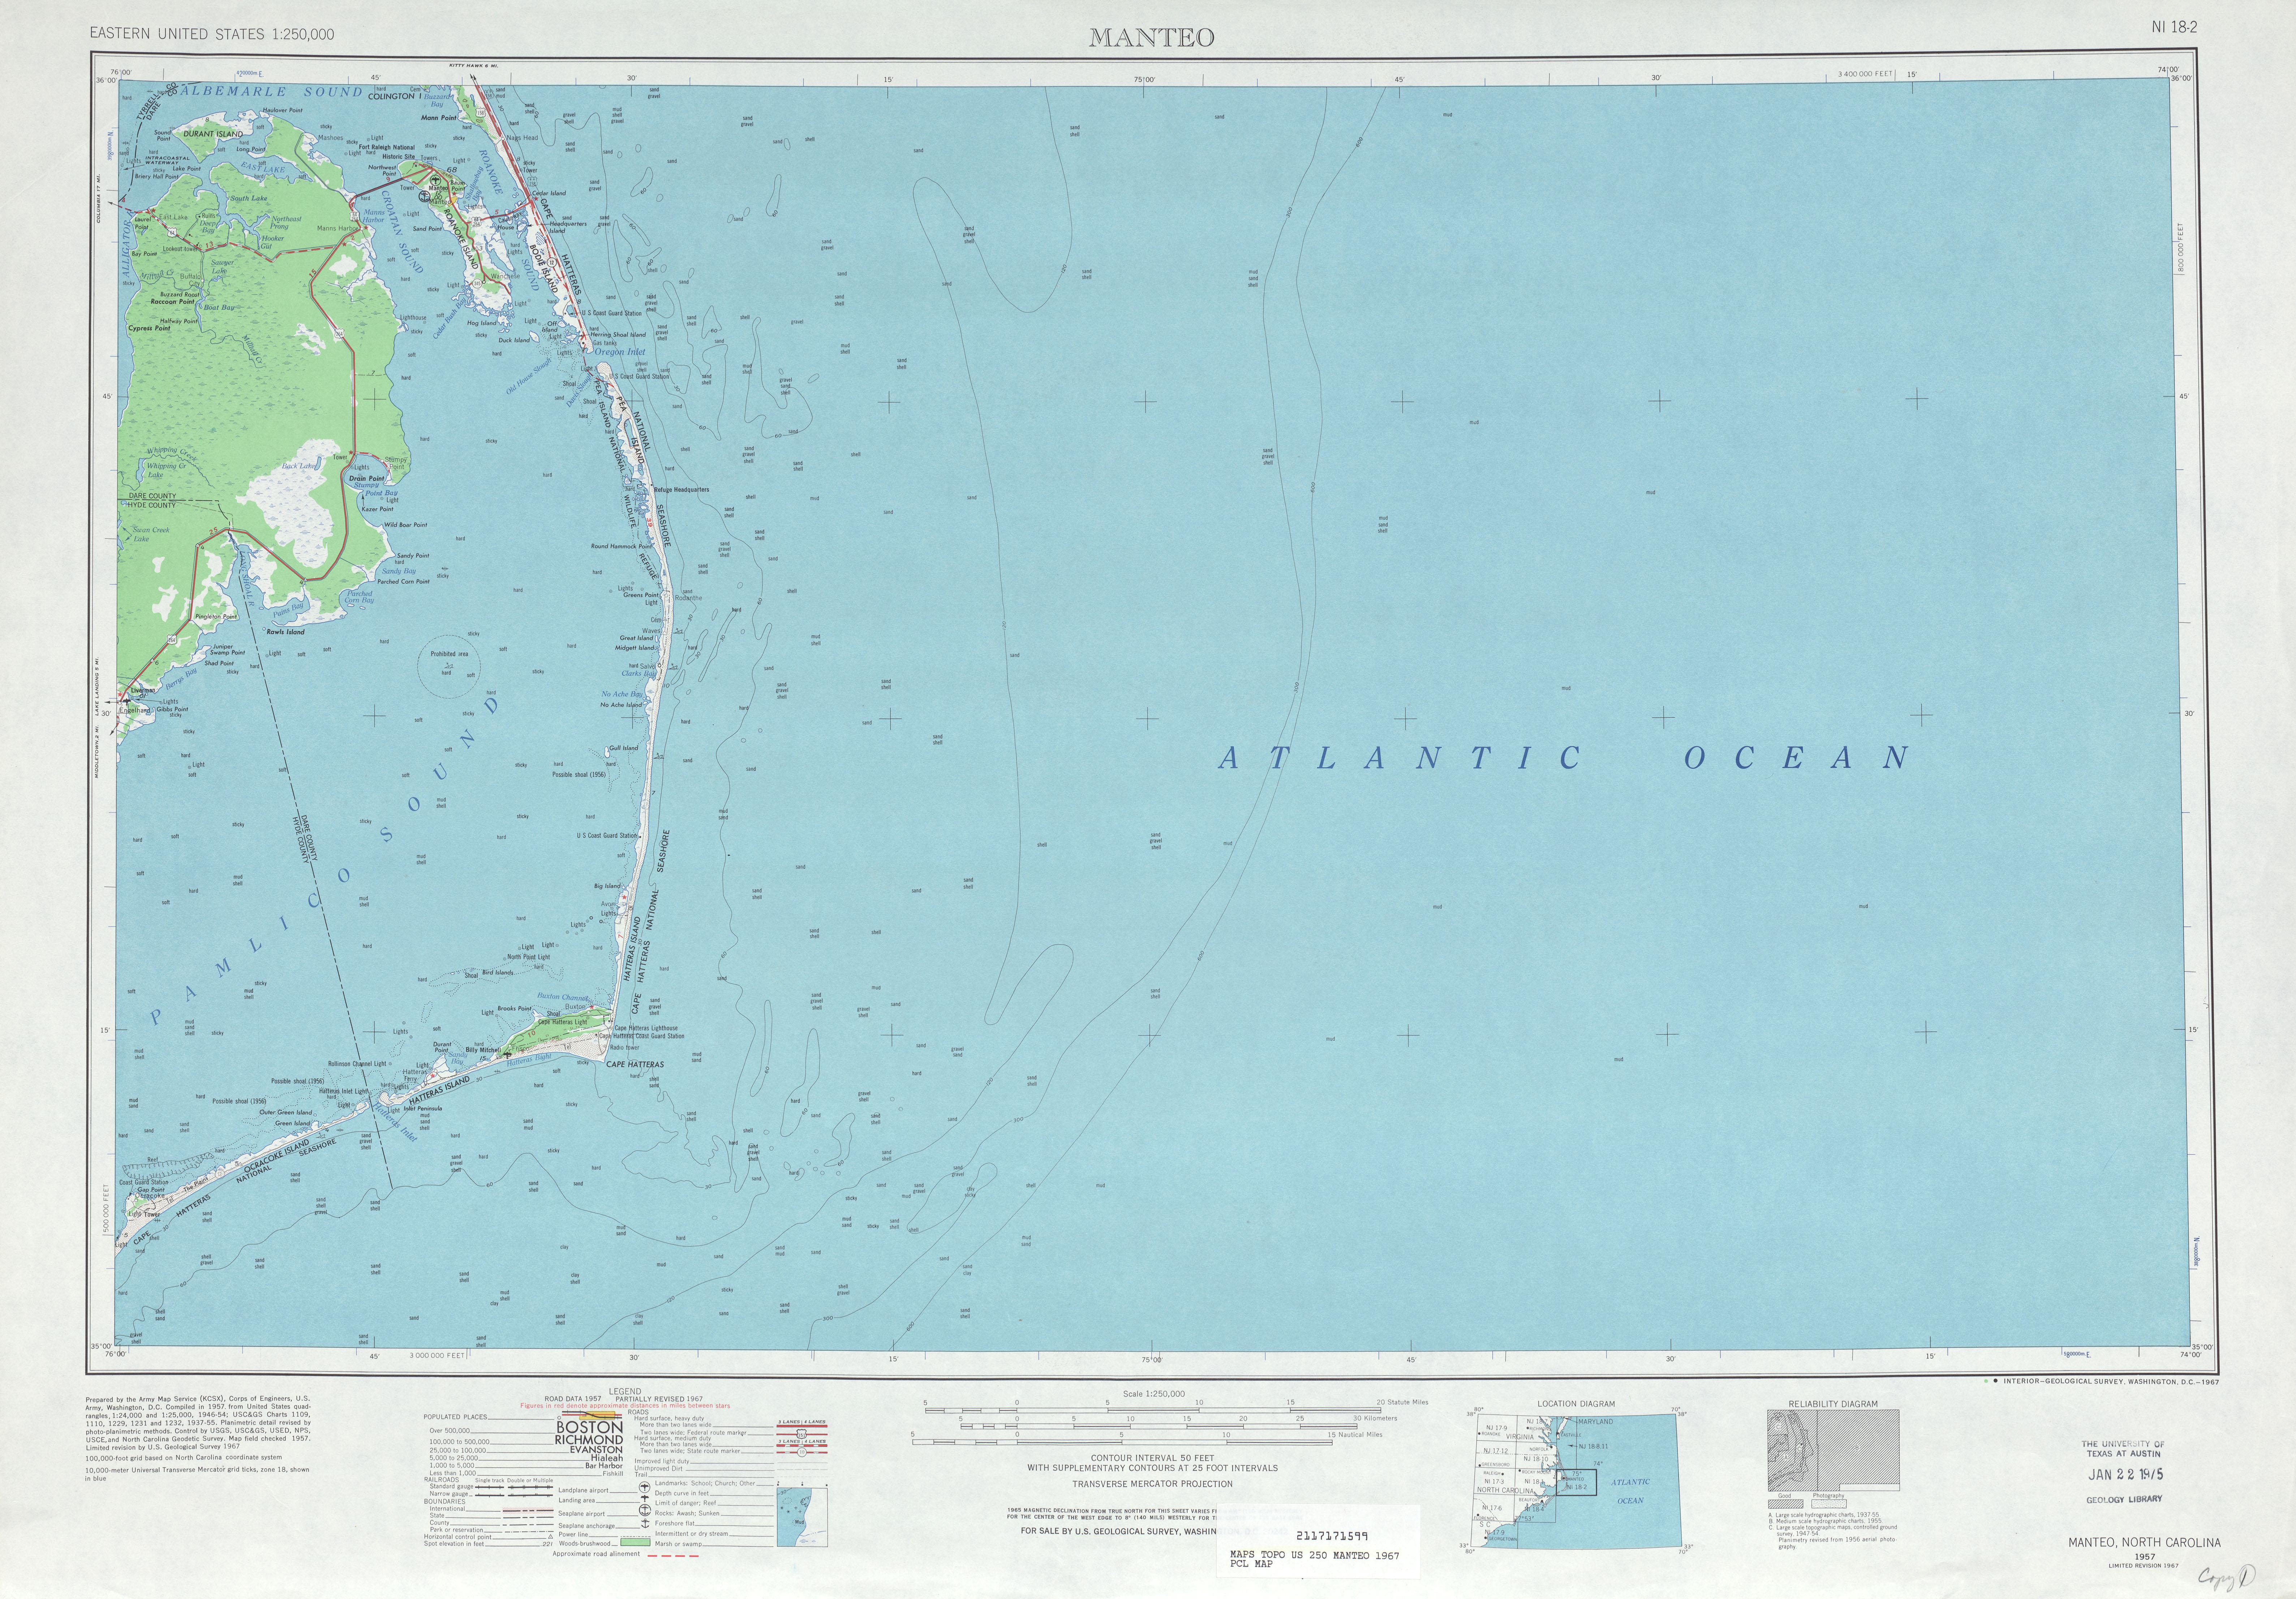 Hoja Manteo del Mapa Topográfico de los Estados Unidos 1967